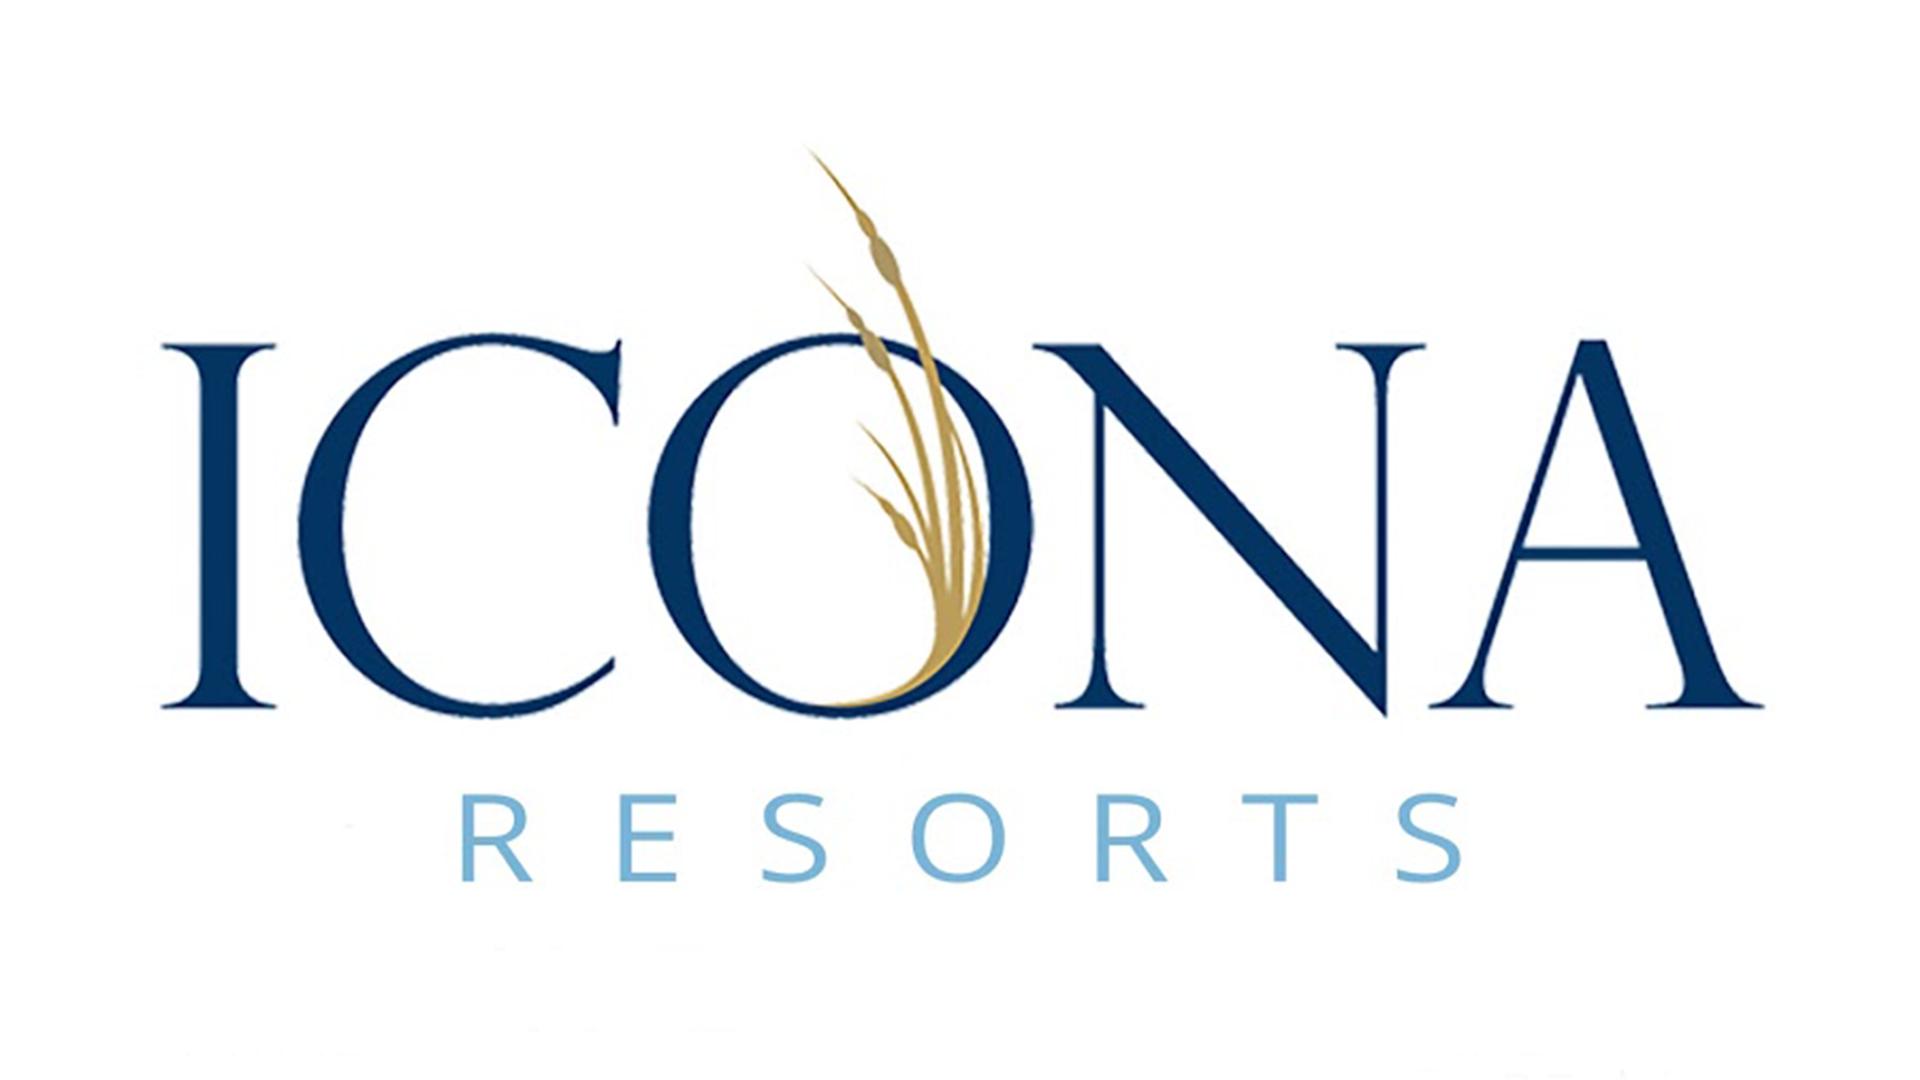 Icona Resorts Logo